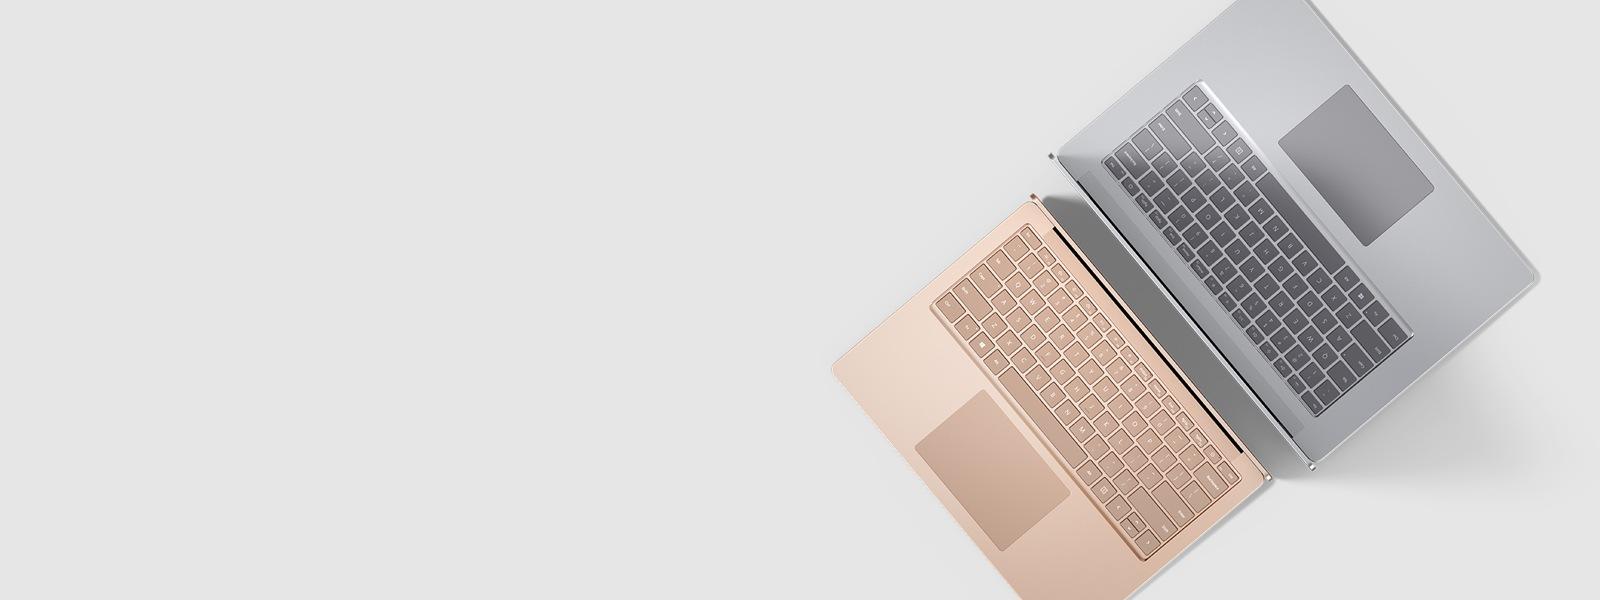 続いて新しい Surface Laptop 3